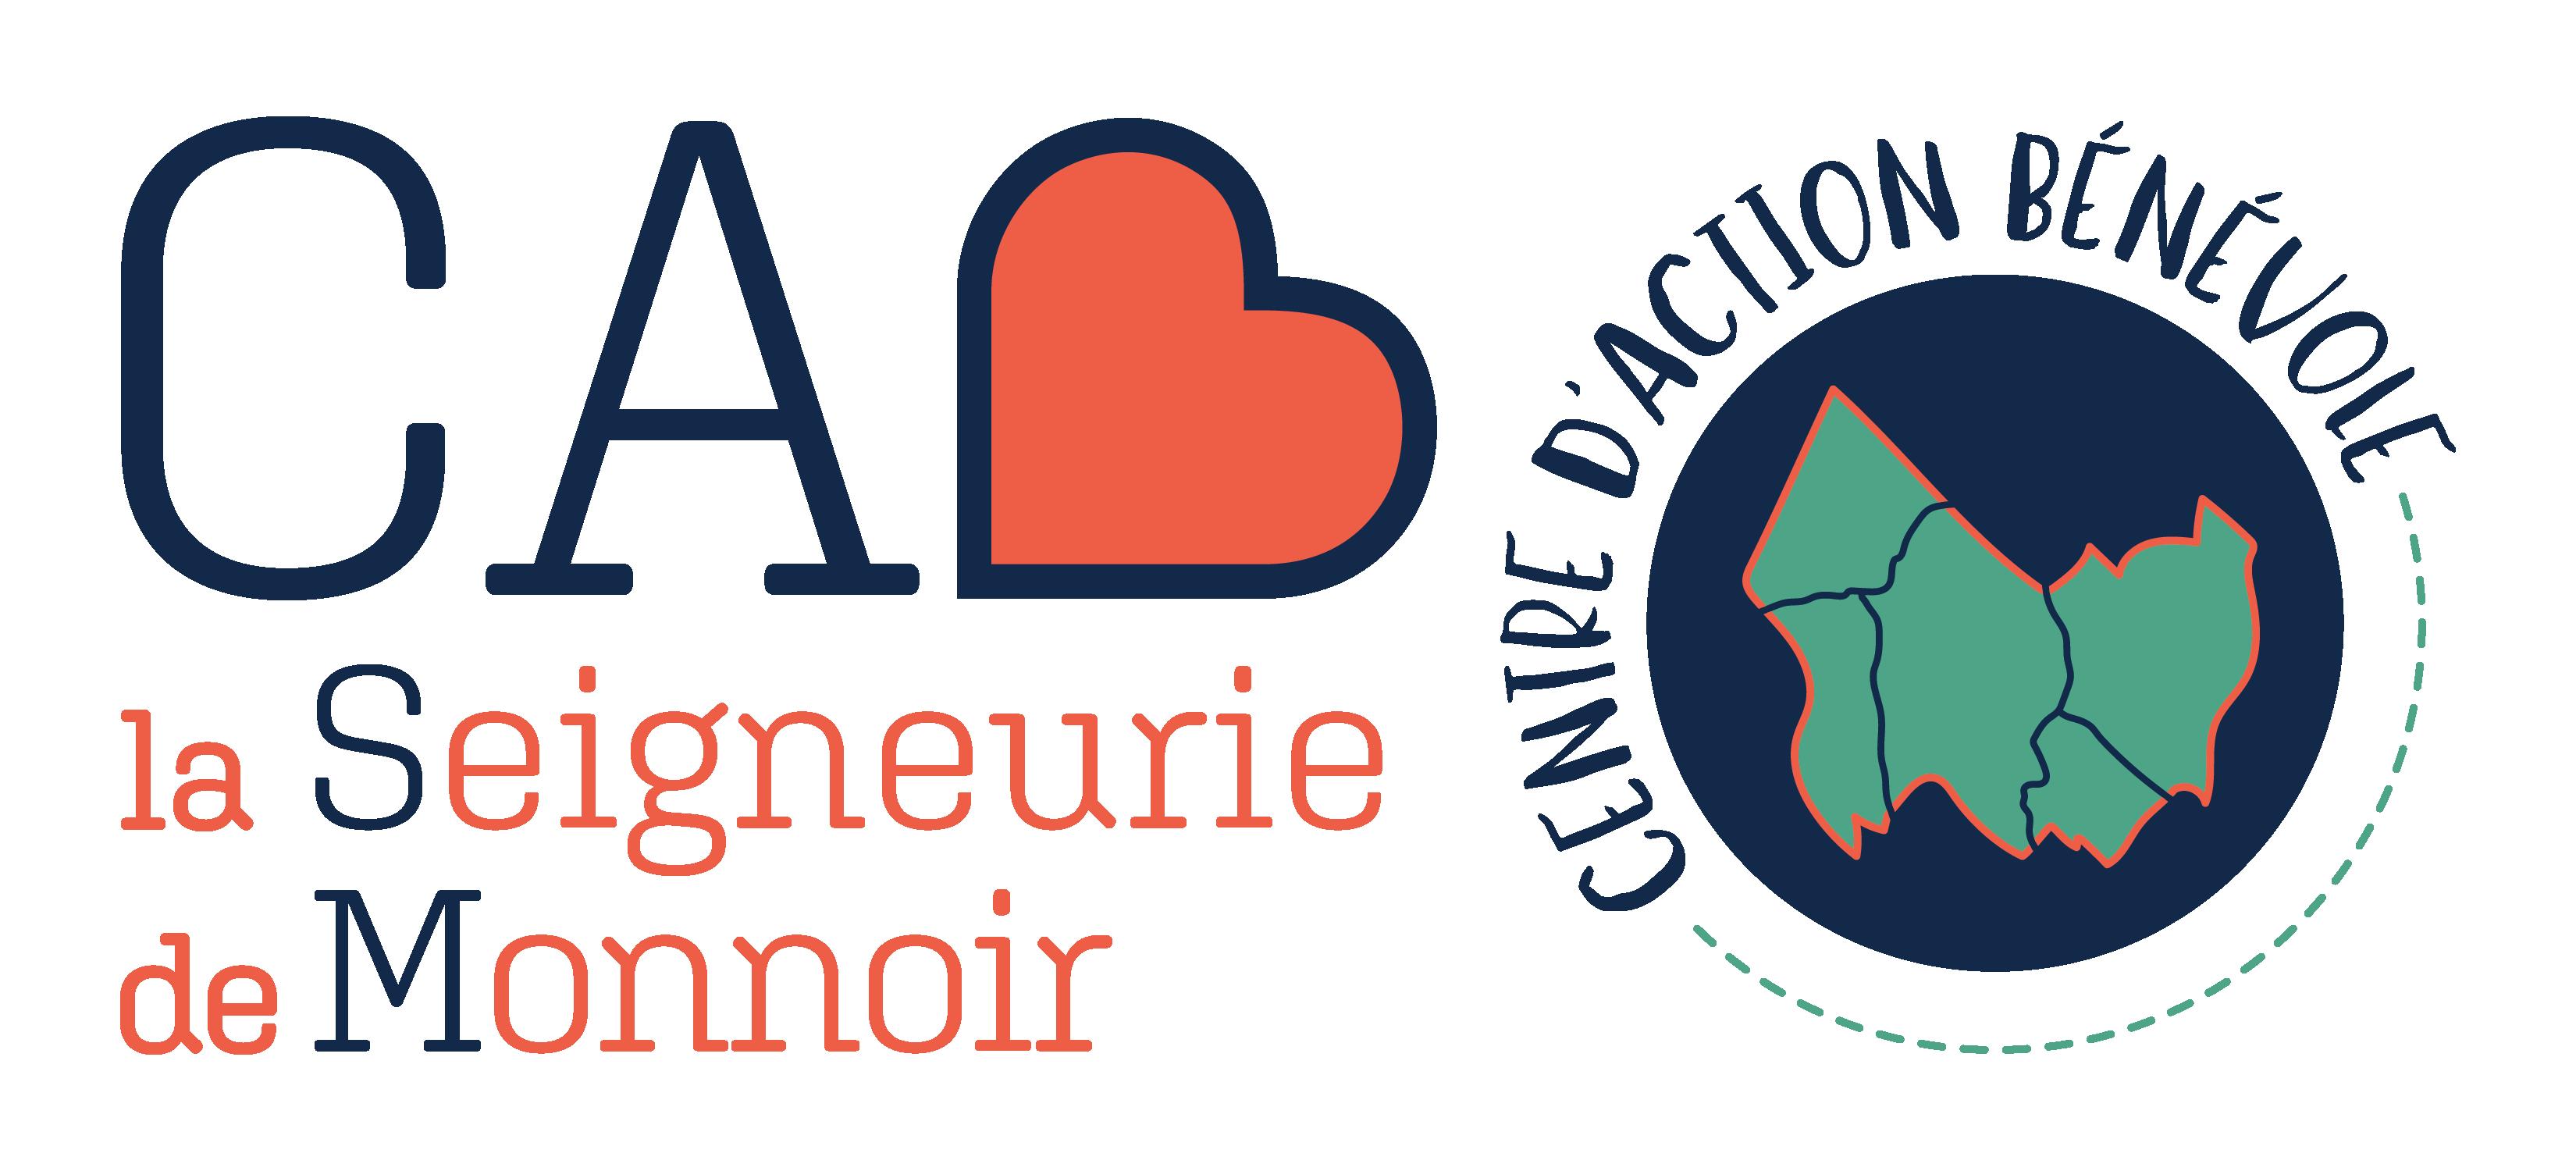 Centre d'action bénévole la Seigneurie de Monnoir